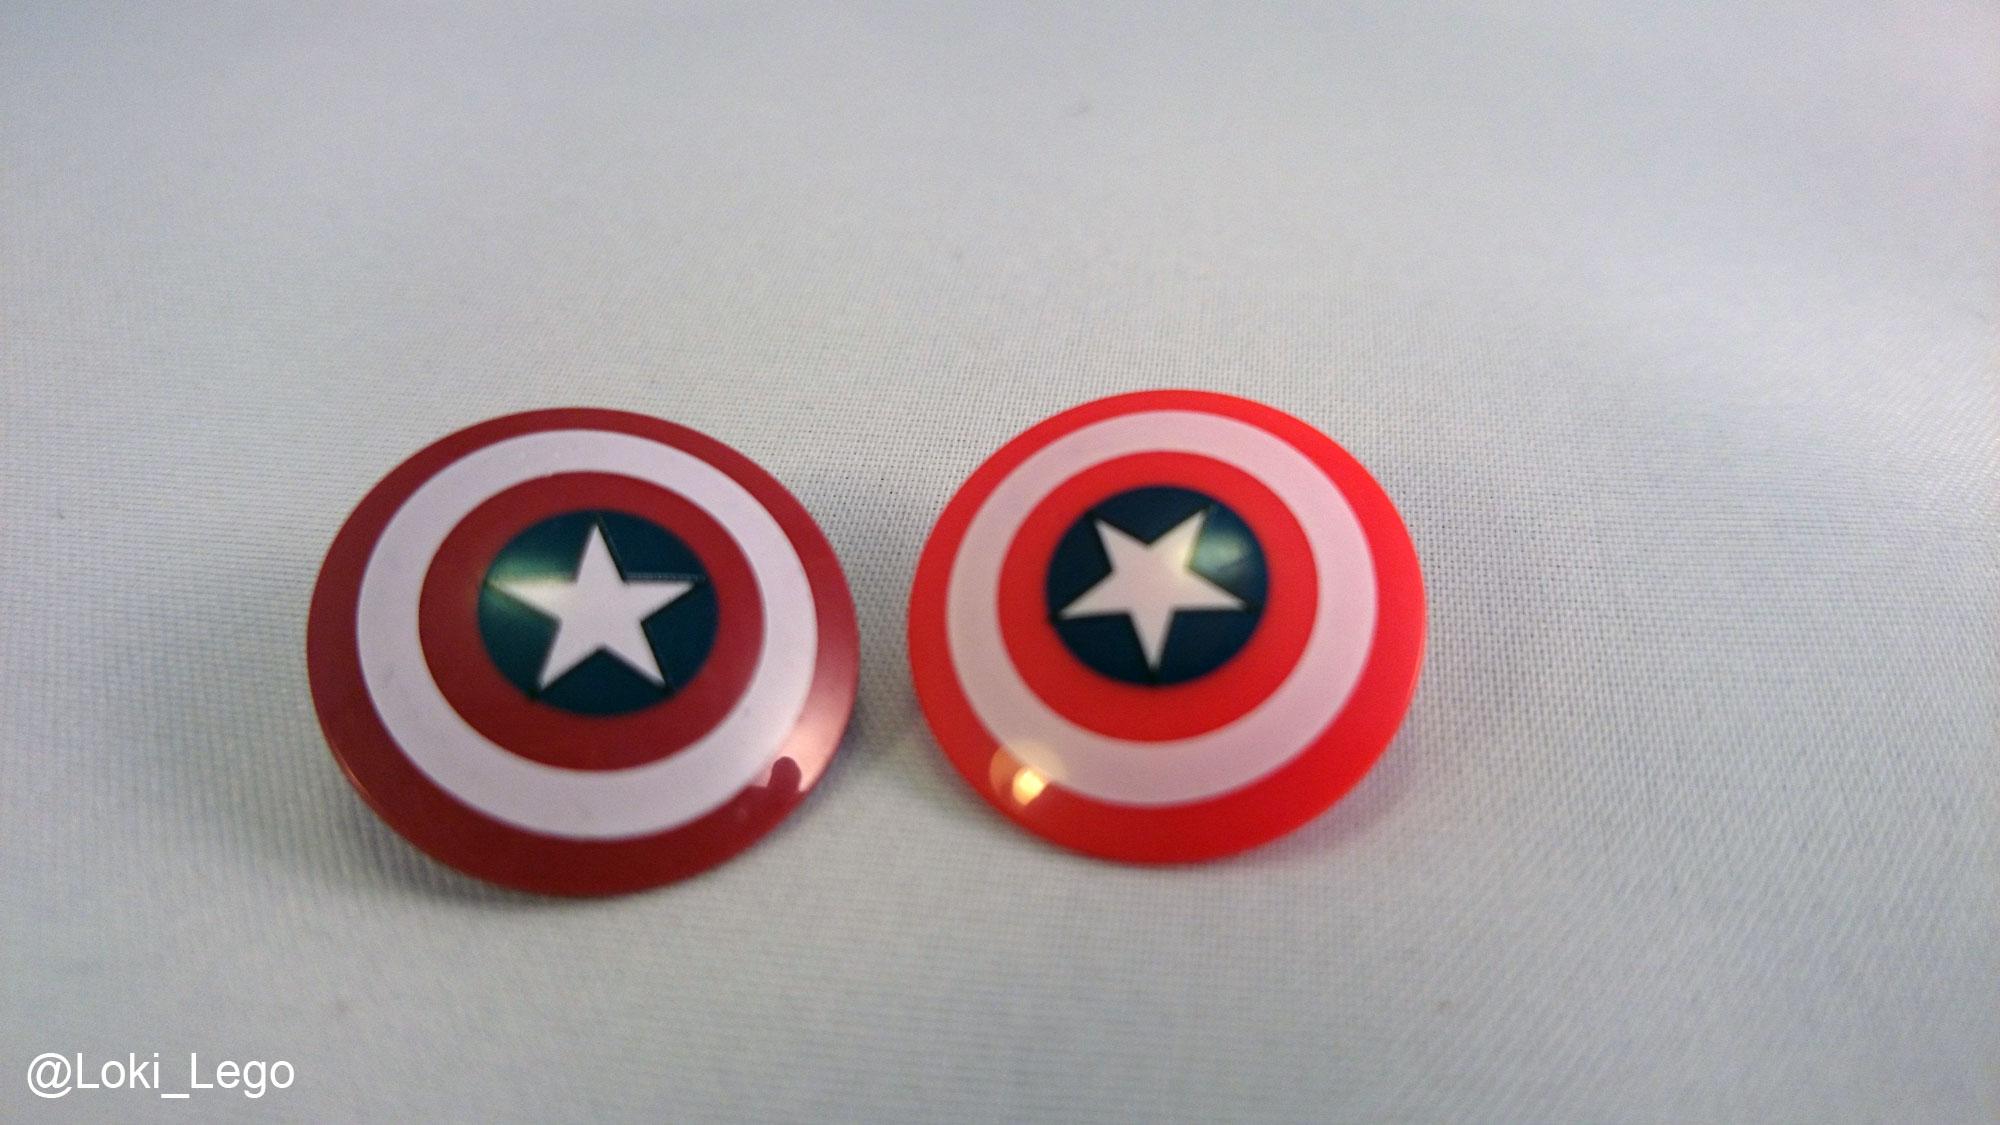 old-vs-new-lego-shield